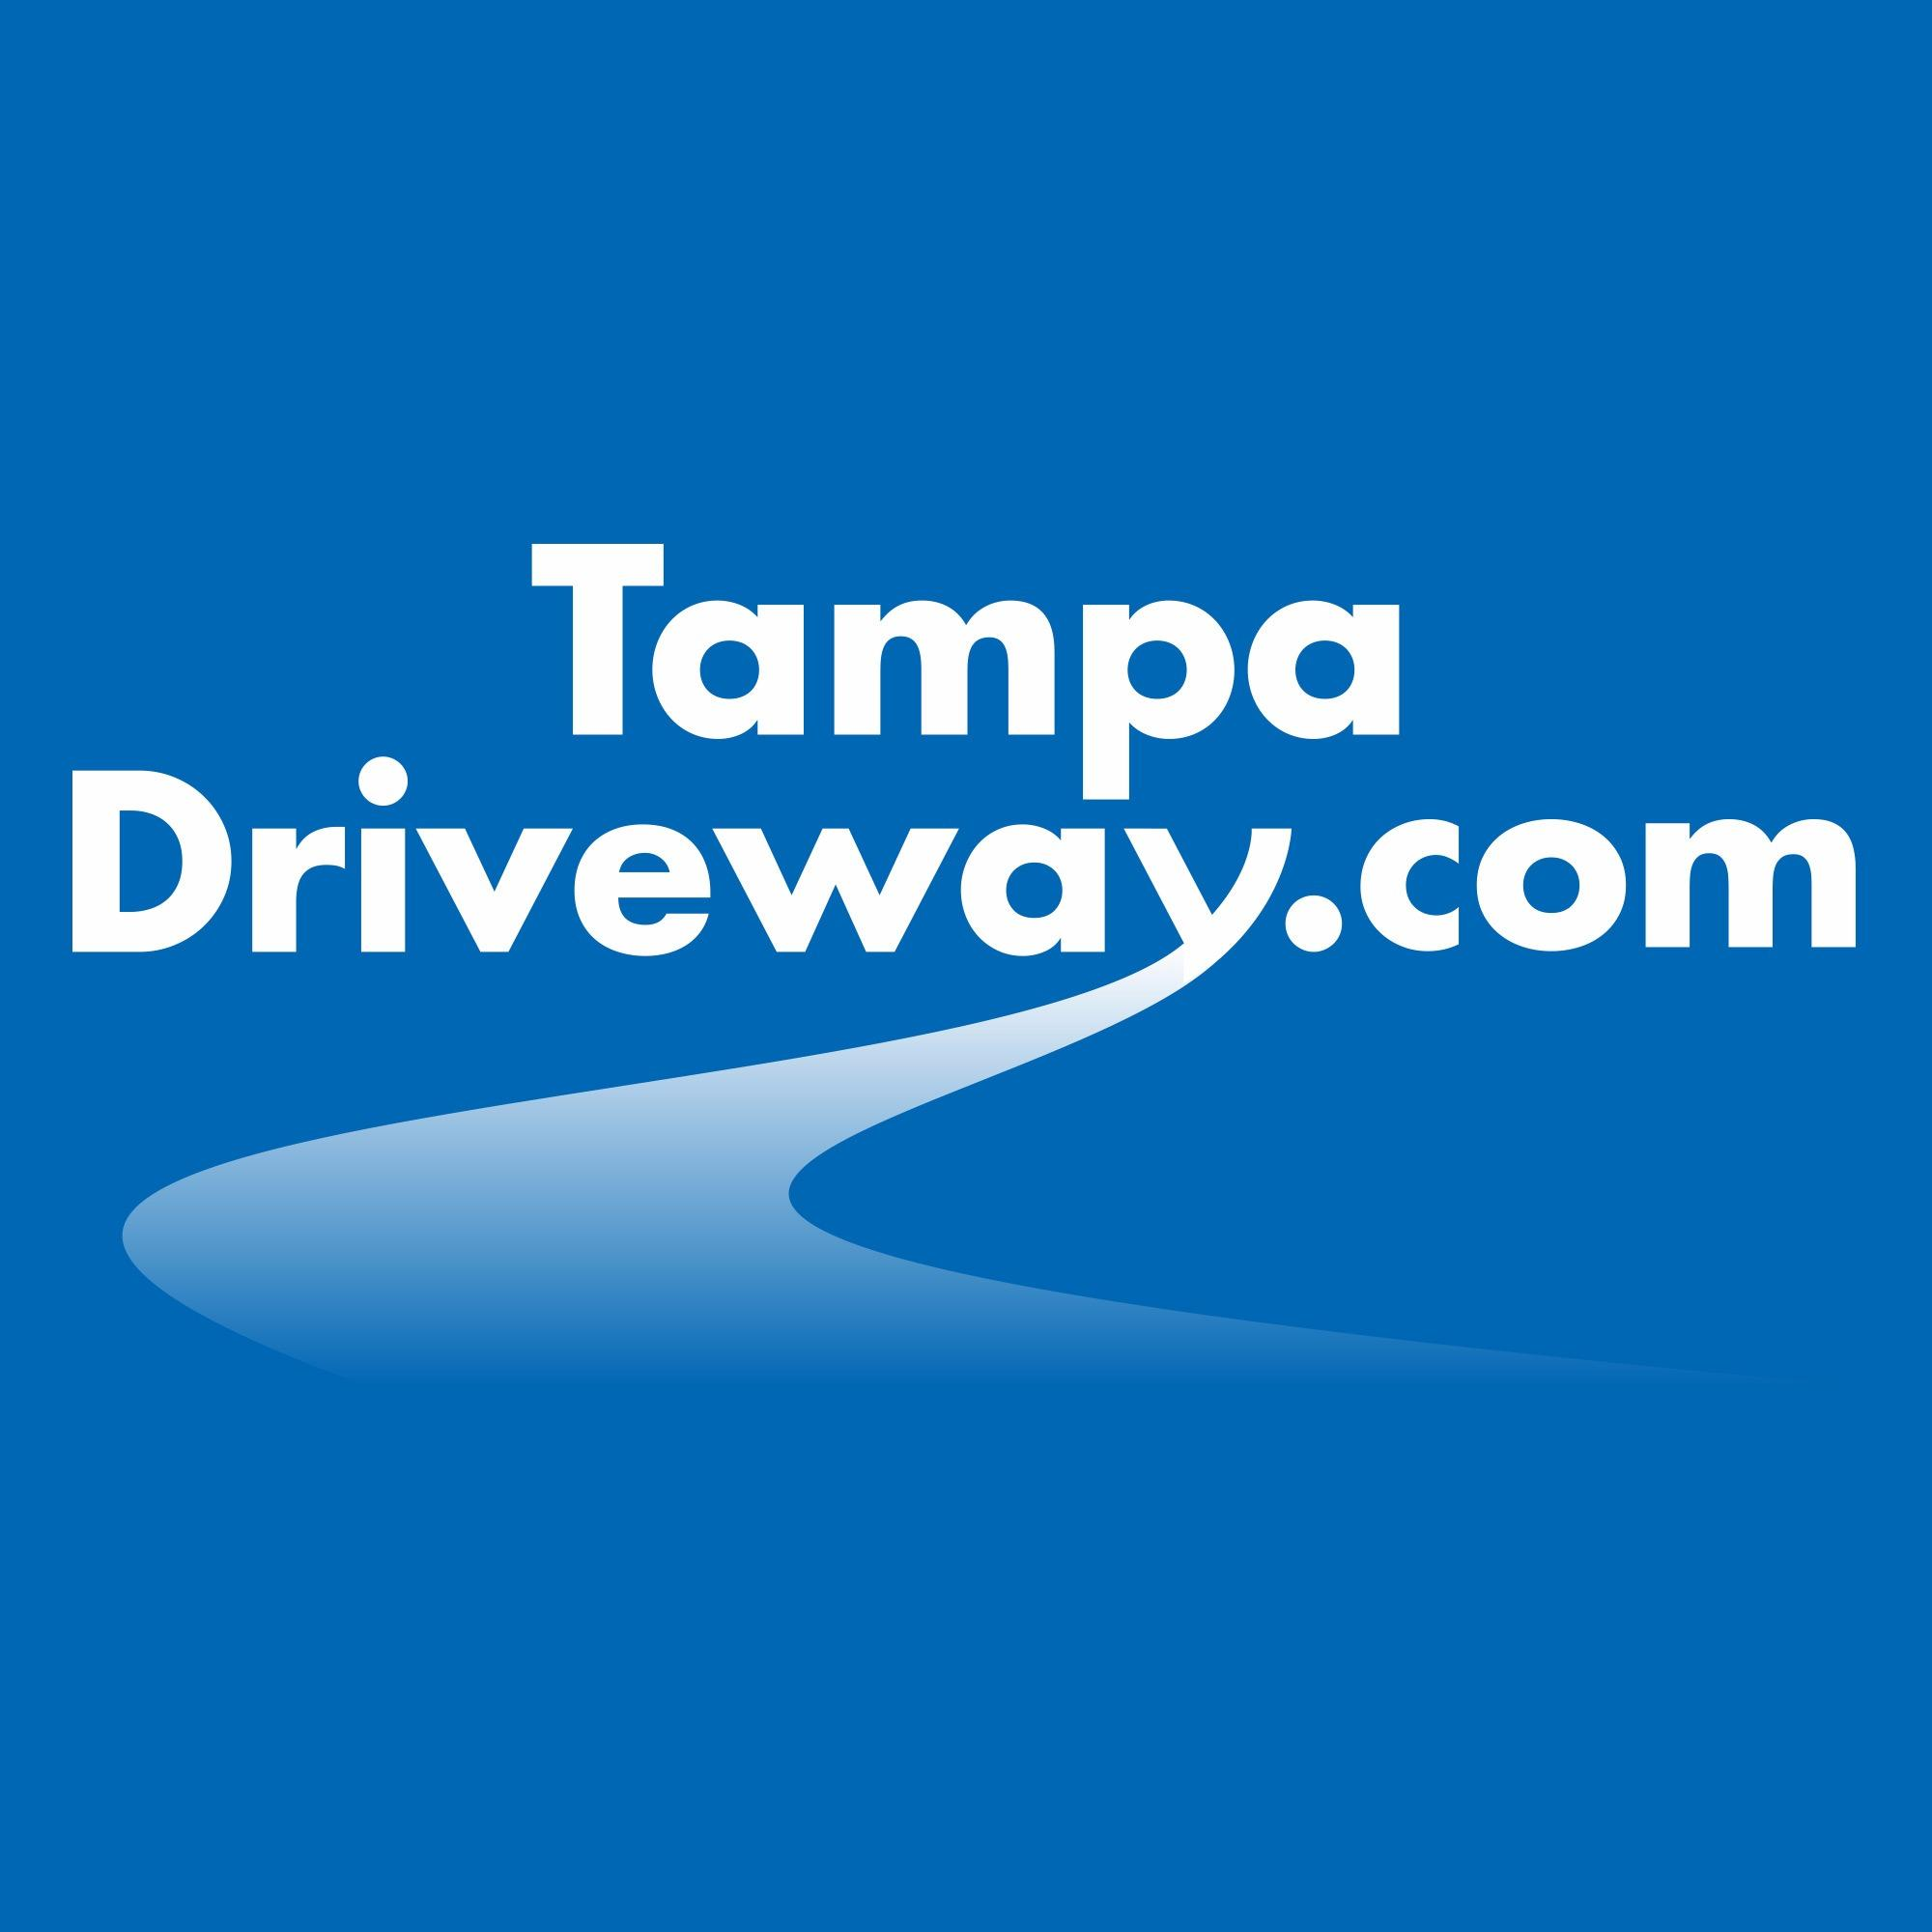 Tampa Driveway